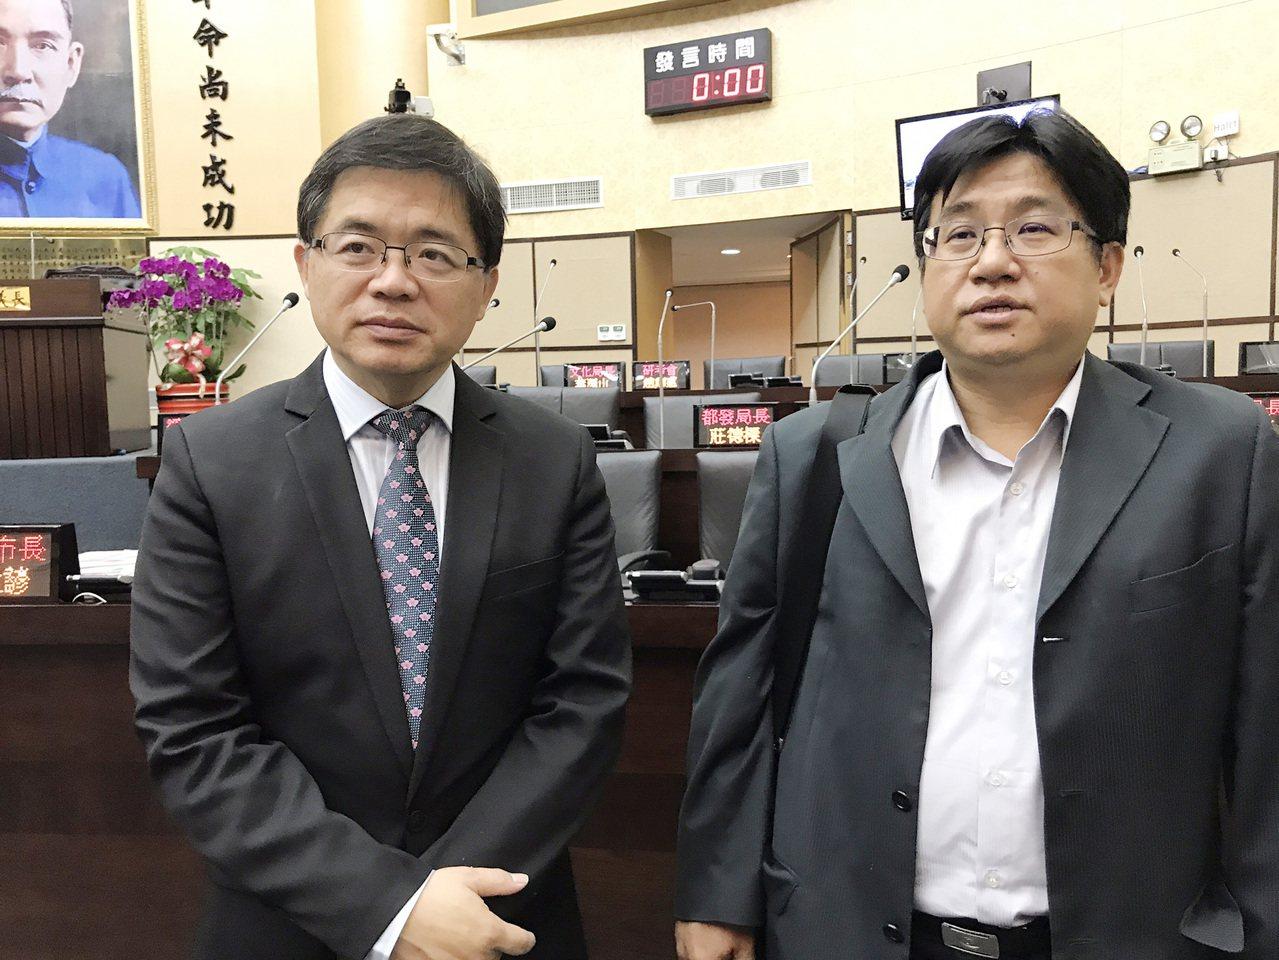 台南大學日前宣布放棄七股校區的開發,引發地方議論紛紛。圖為台南市代理市長李孟諺(...